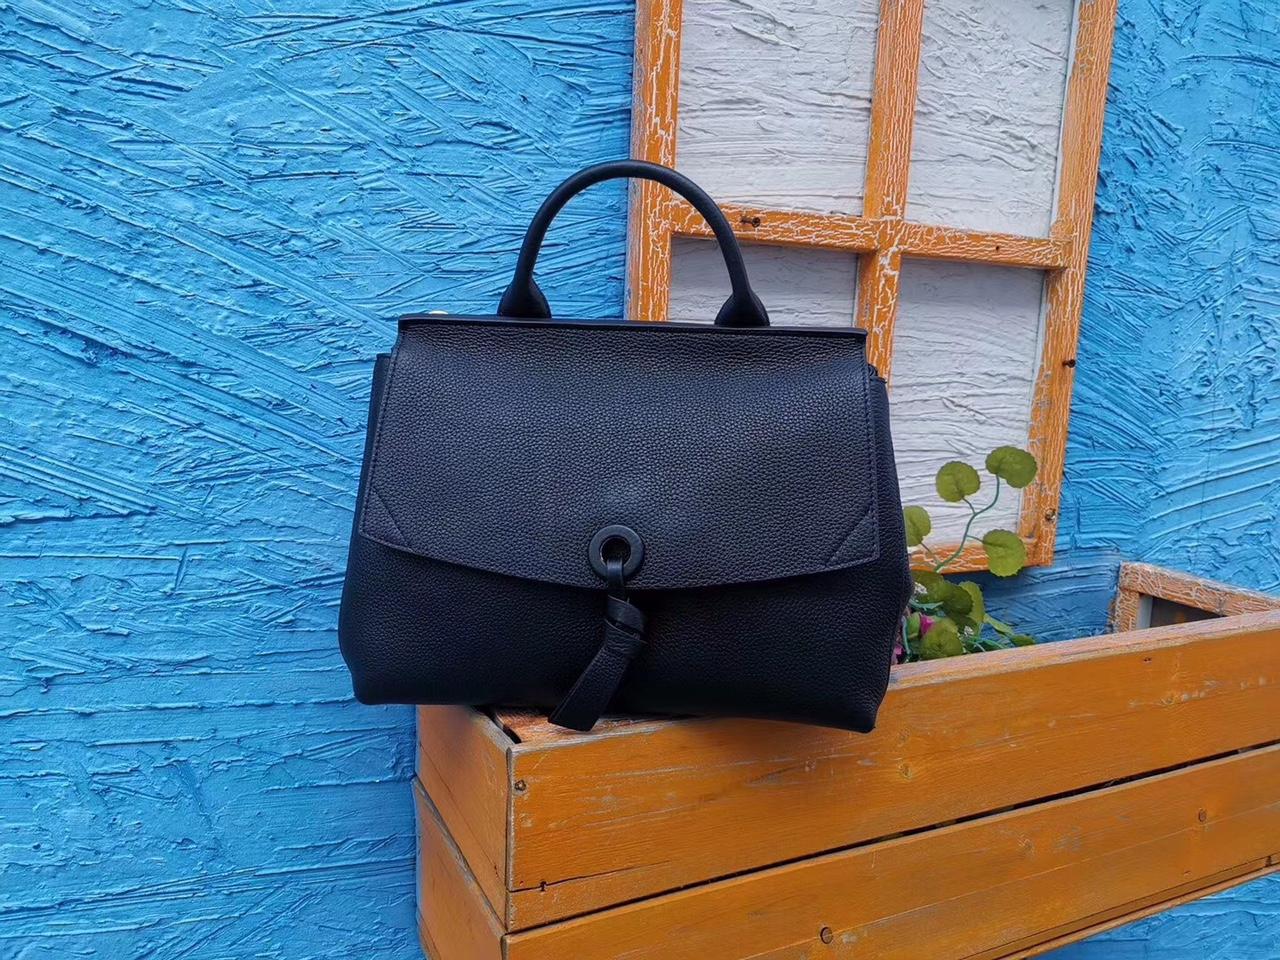 女士手提包可背,多功能,秋冬新款韩版,材质:进口头层牛皮,超级柔软皮,小号尺寸:24*9*20CM颜色:黑色